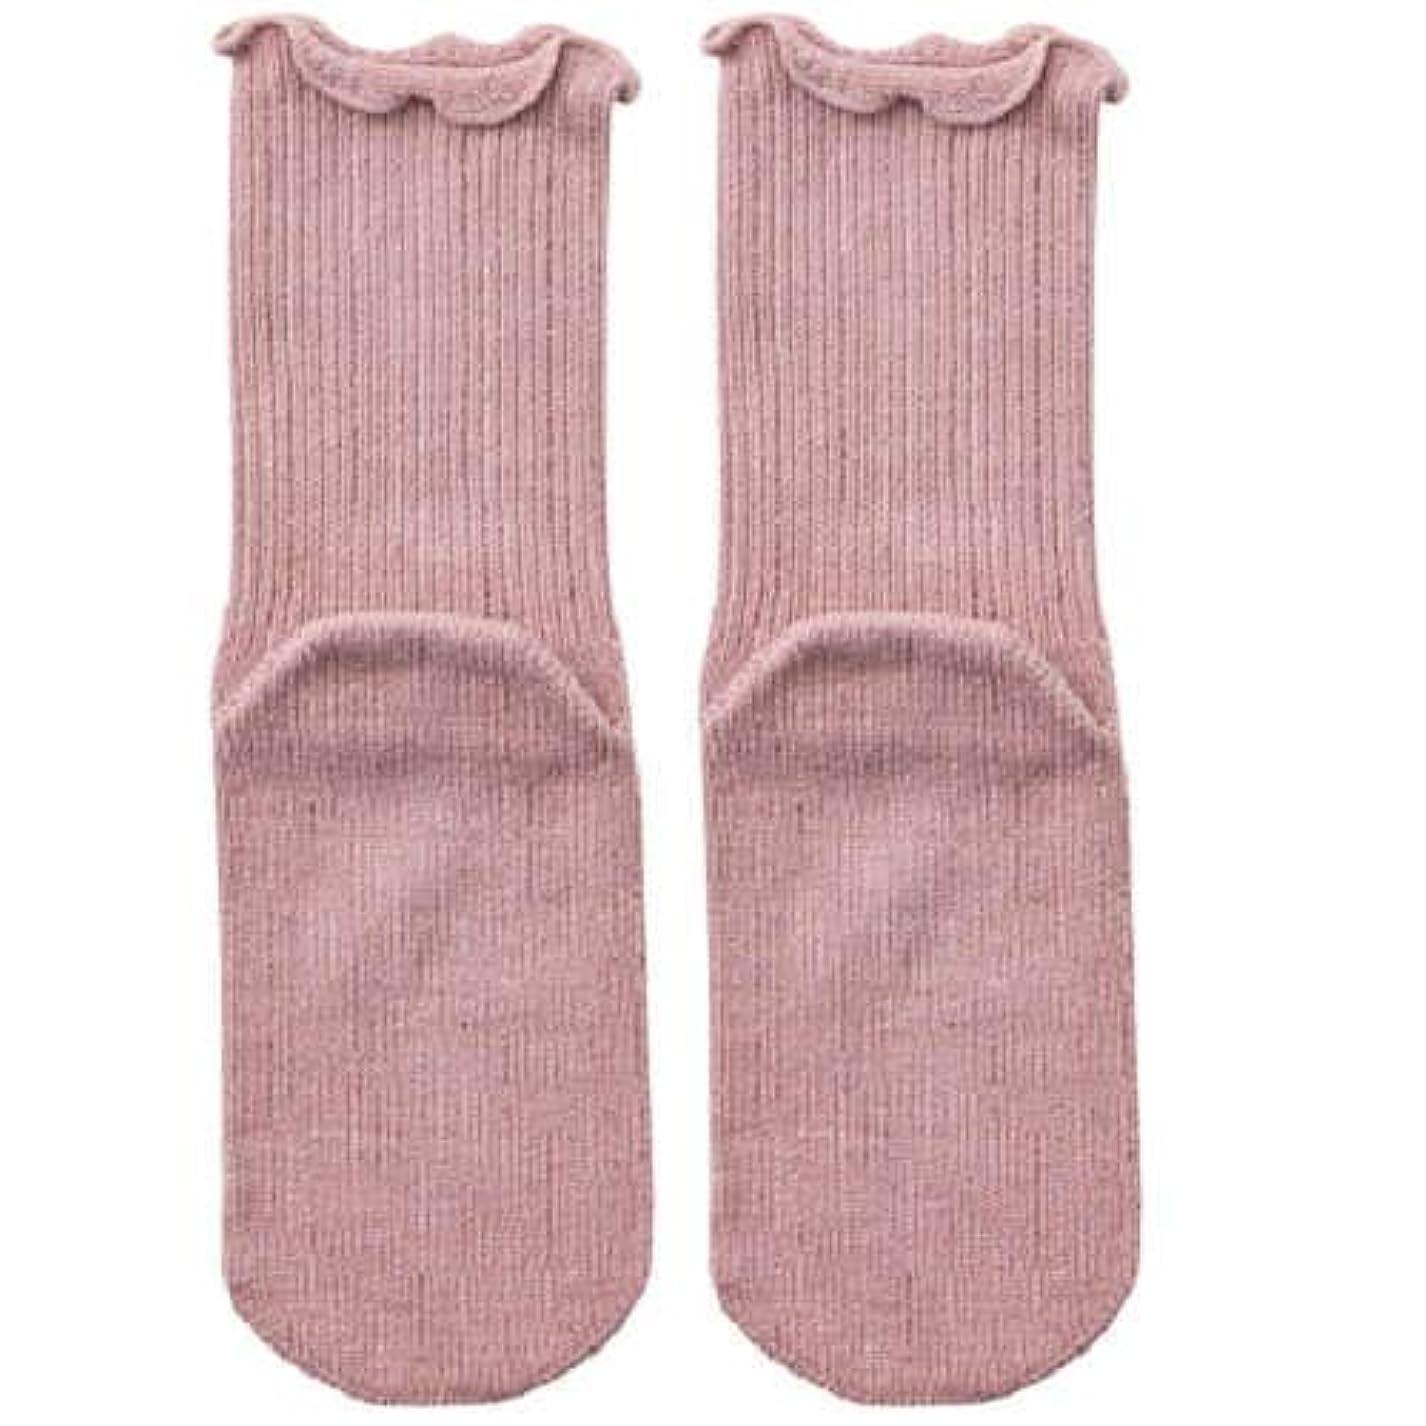 乱用悲しむ下手【むくみ】【骨折】 男女兼用 極上しめつけません 特大サイズ 靴下 (ローズ)